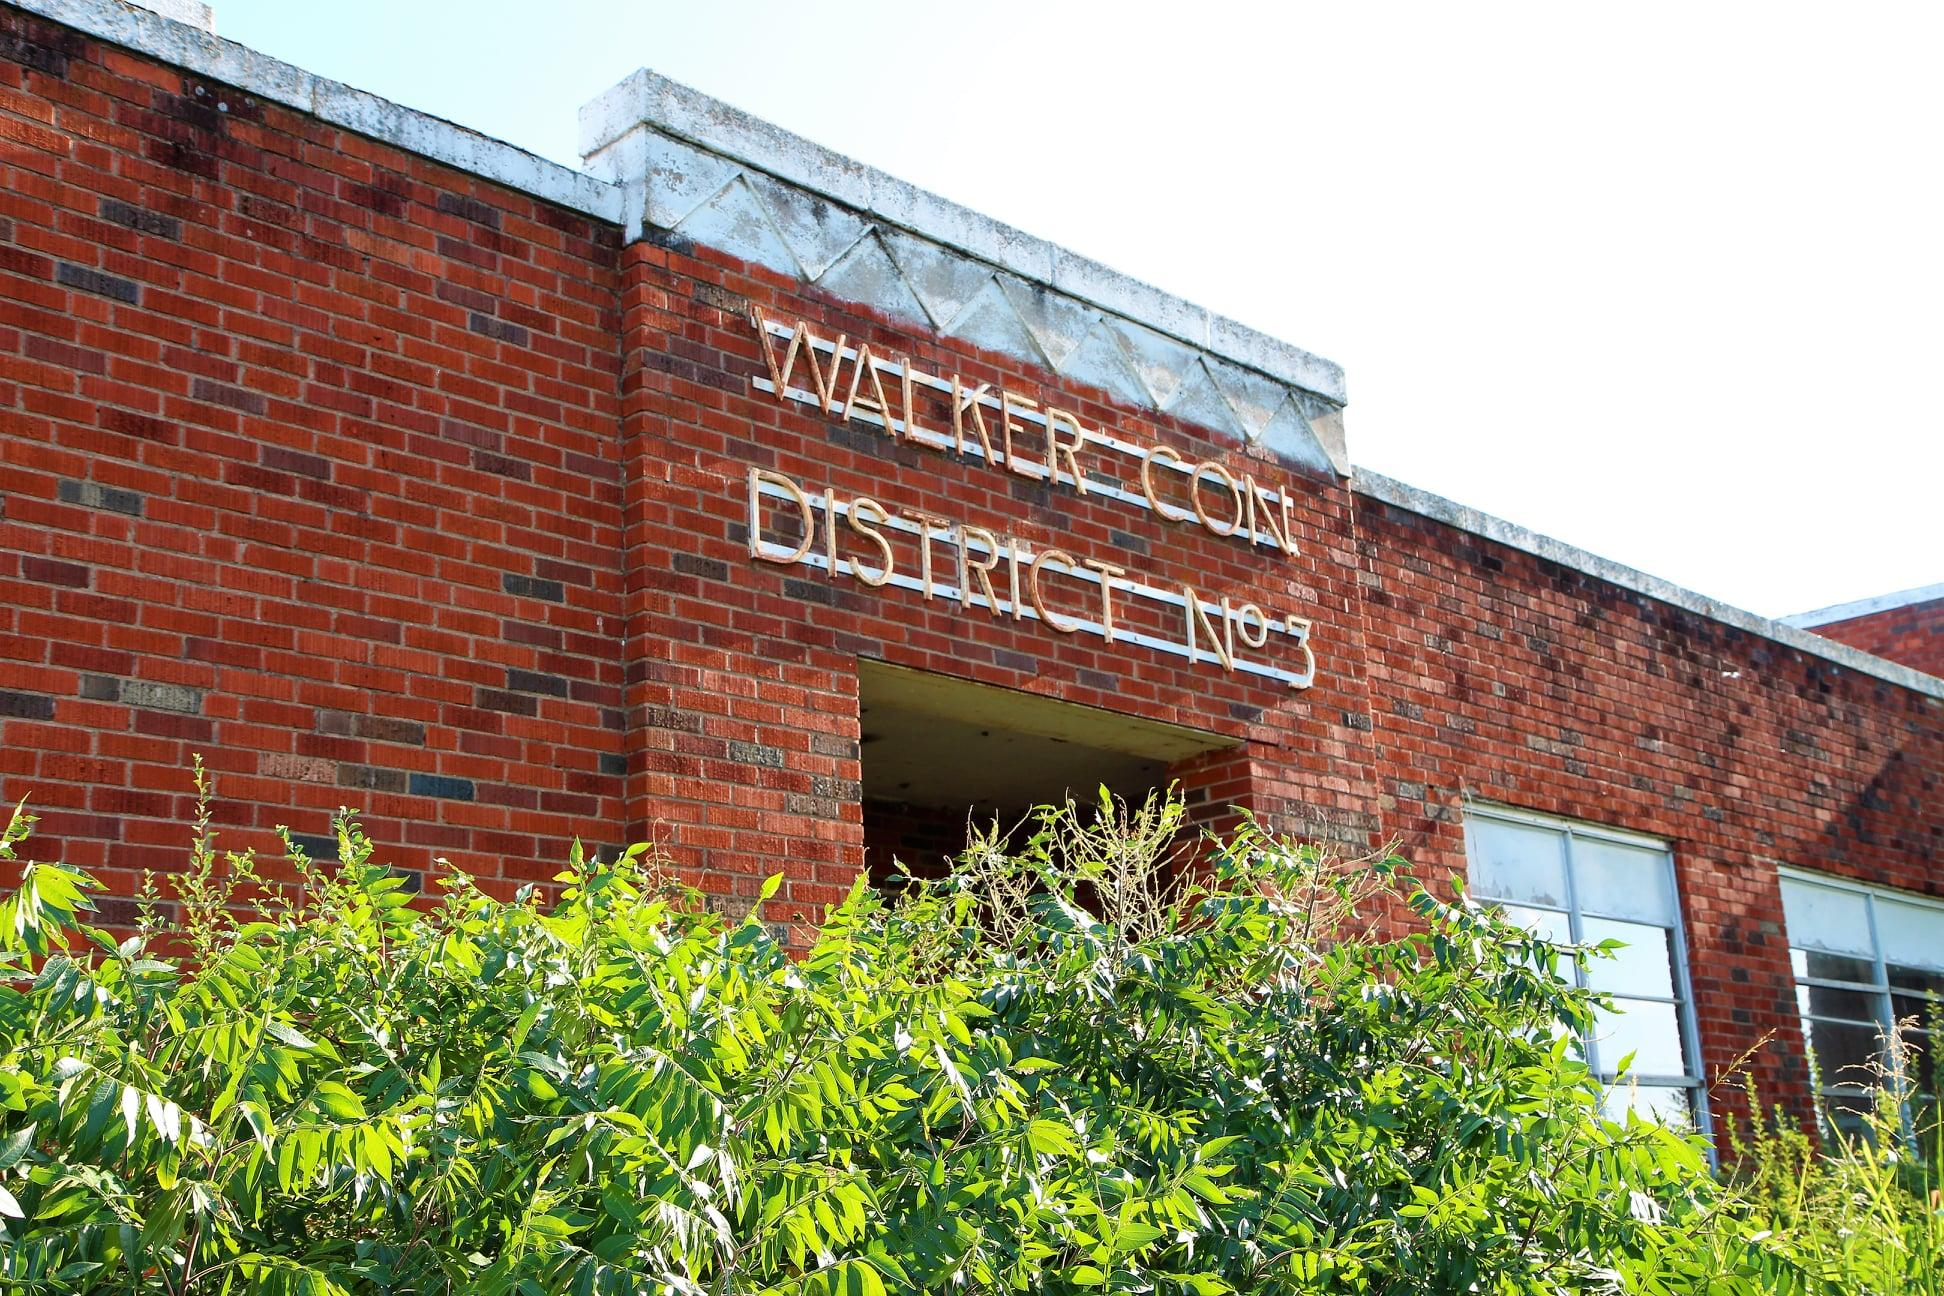 Walker School Front